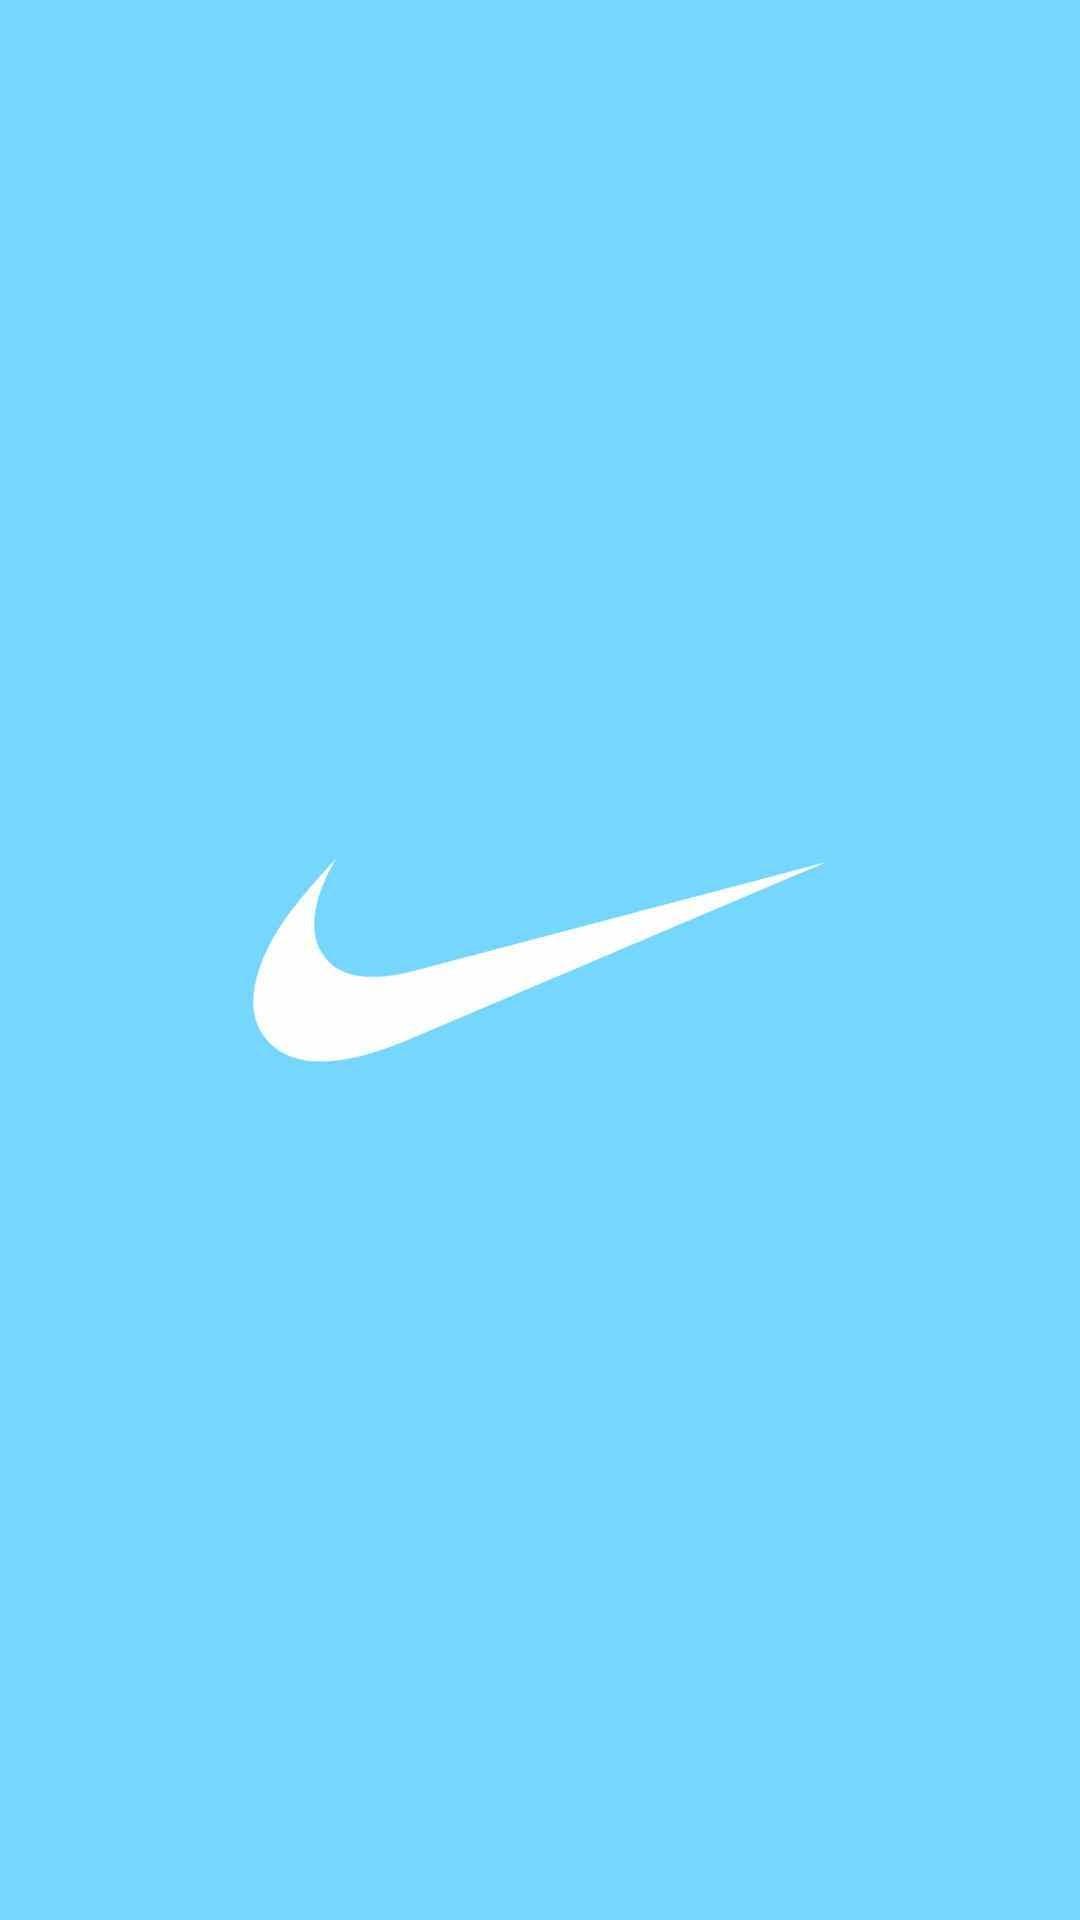 Nike Swoosh Wallpaper 56 Images